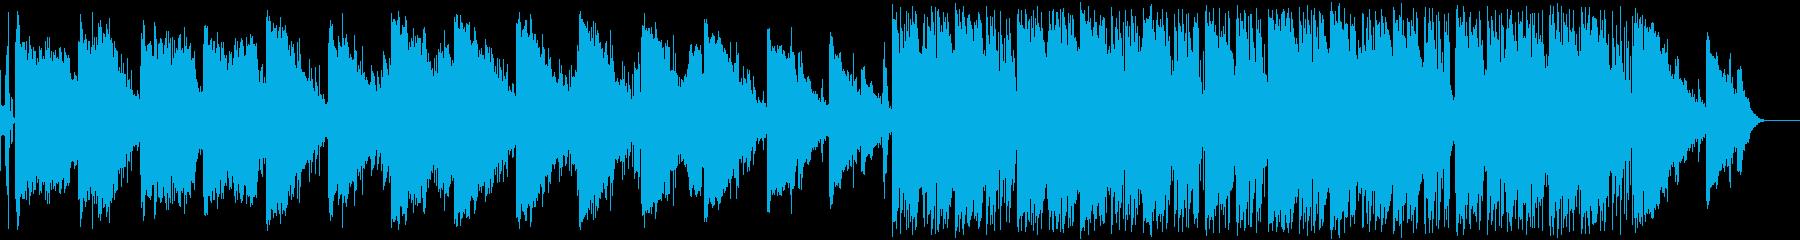 神秘的静かなエレピ・ナレーション好相性の再生済みの波形